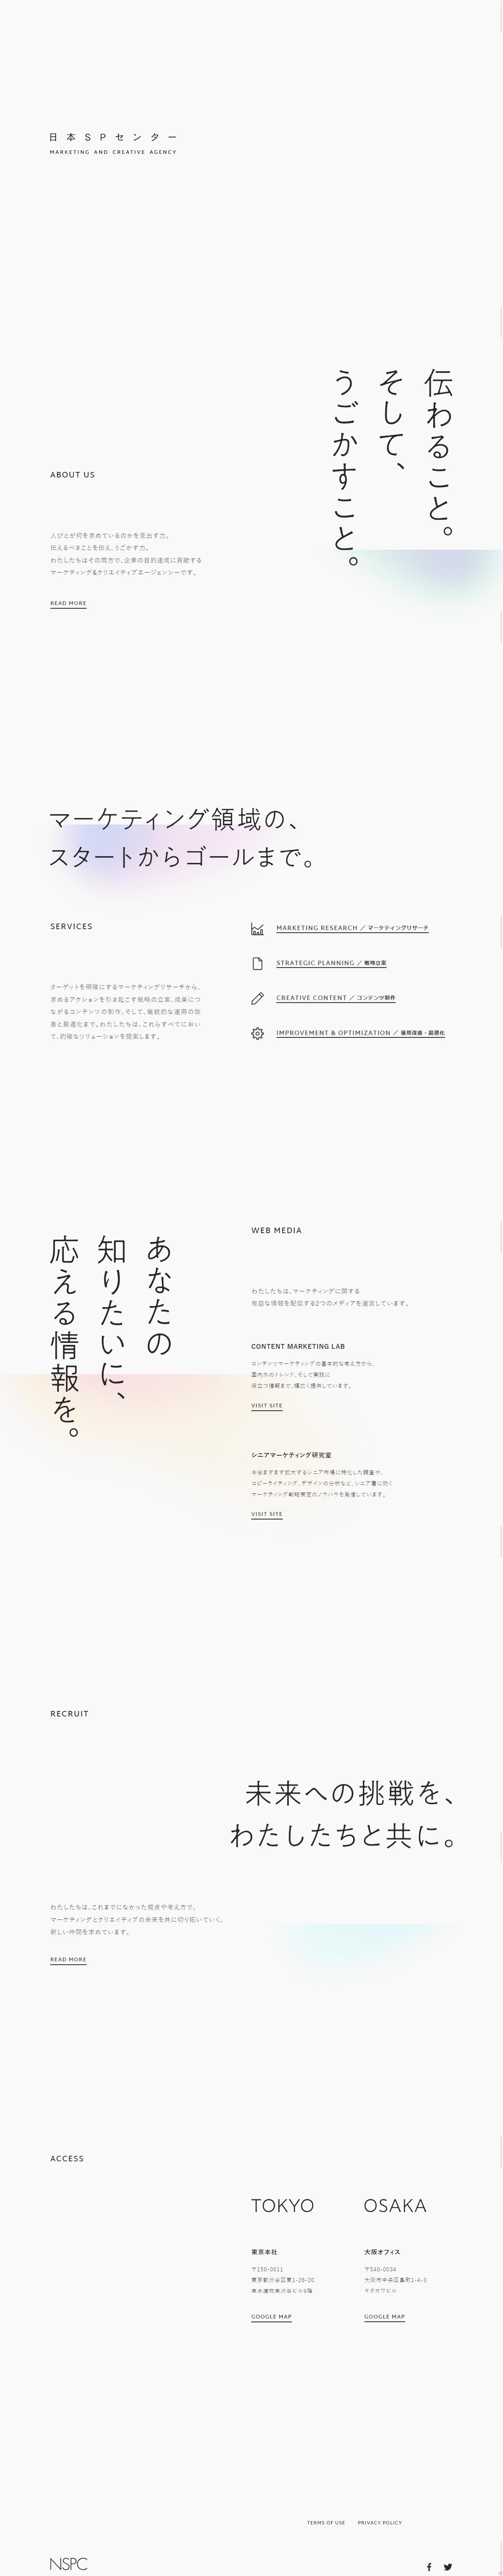 日本SPセンターPC版イメージ